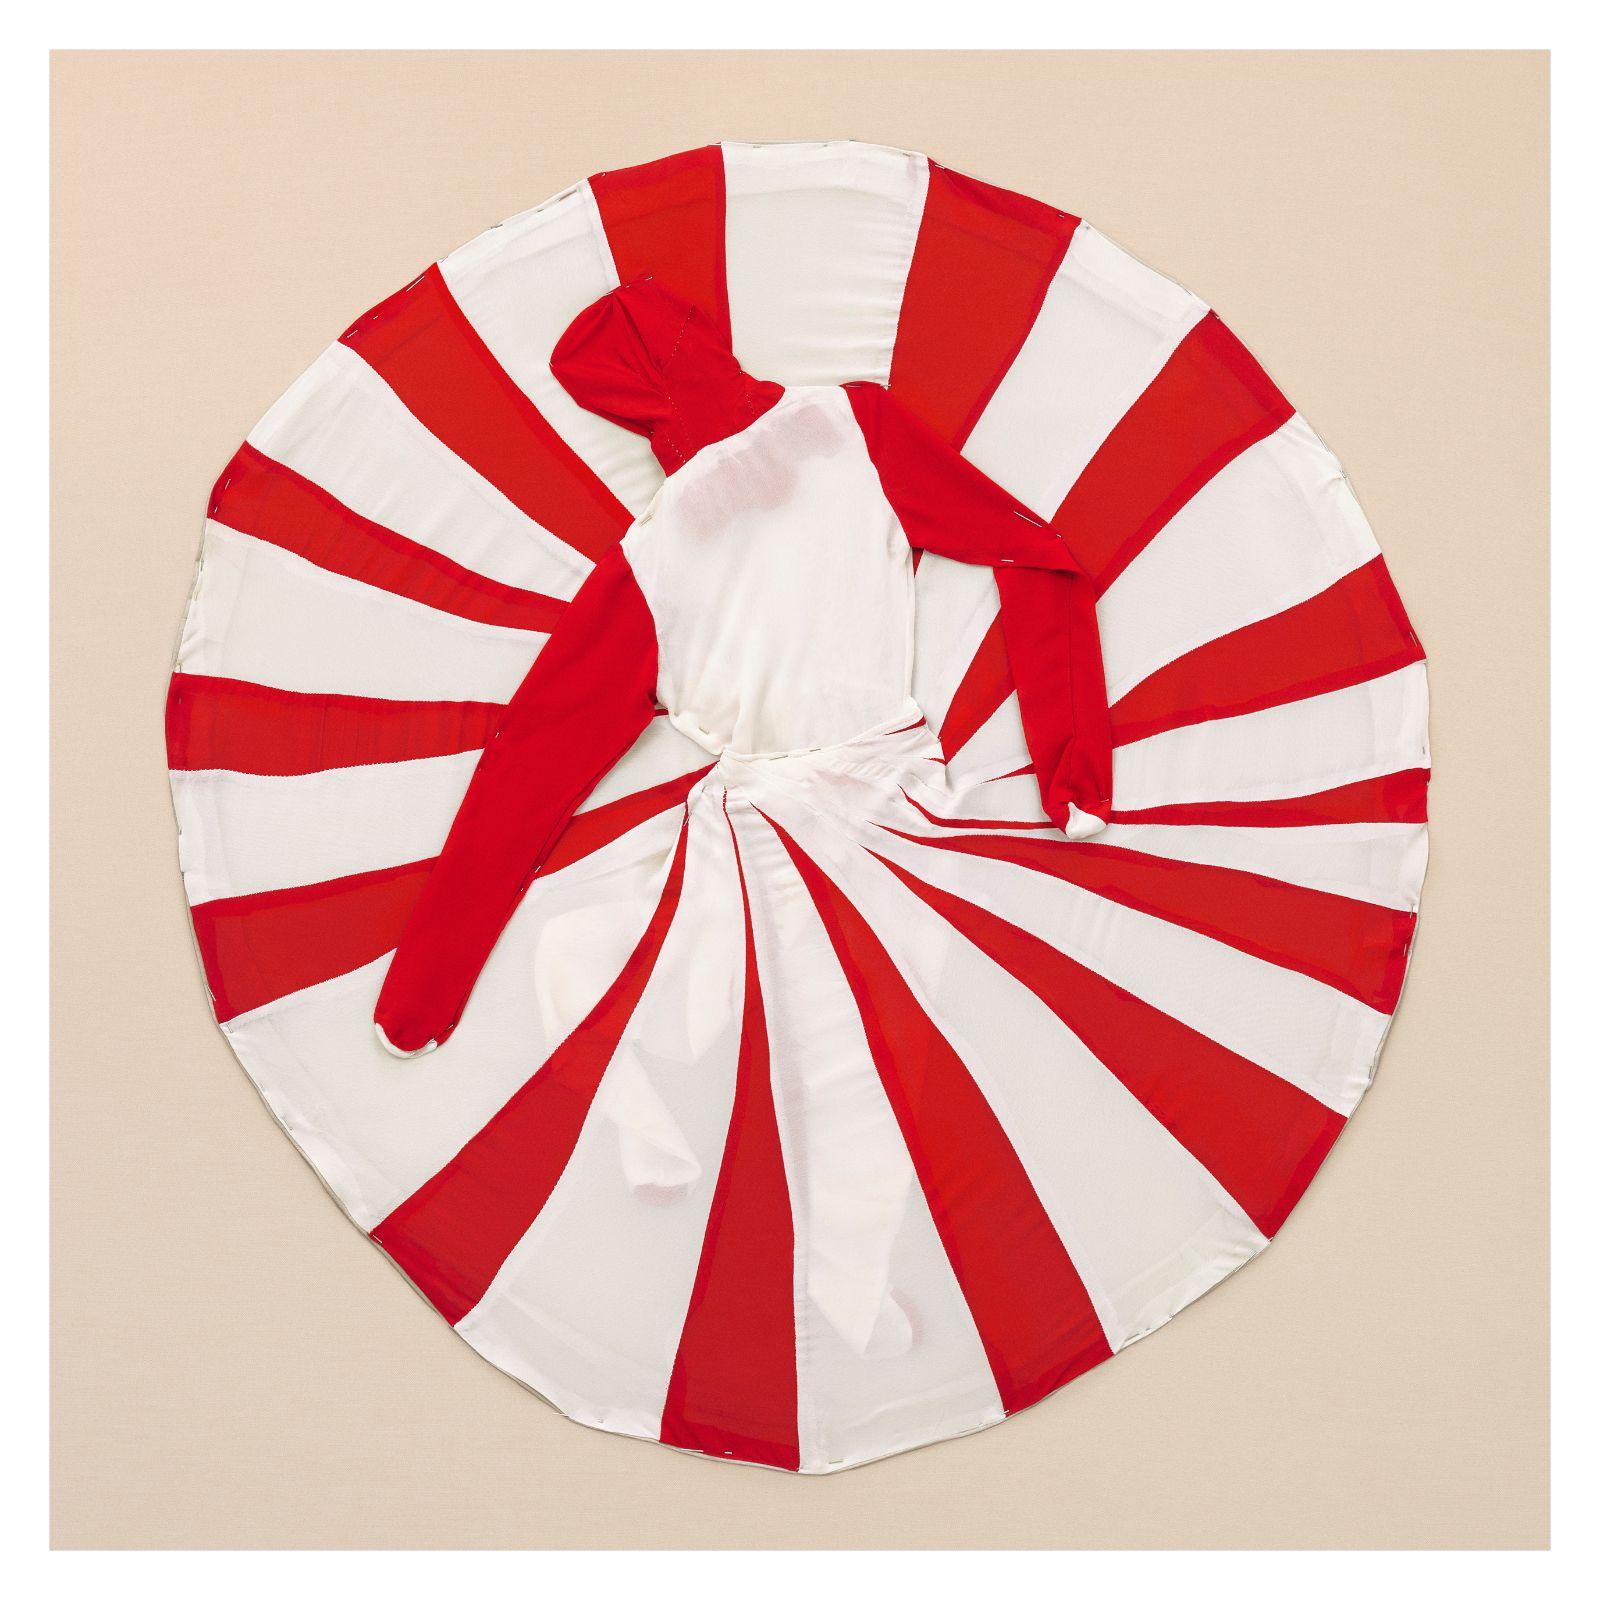 Archive 8, 2015, pigment print on acid-free cotton paper, 97 x 97 cm, Ed. 5